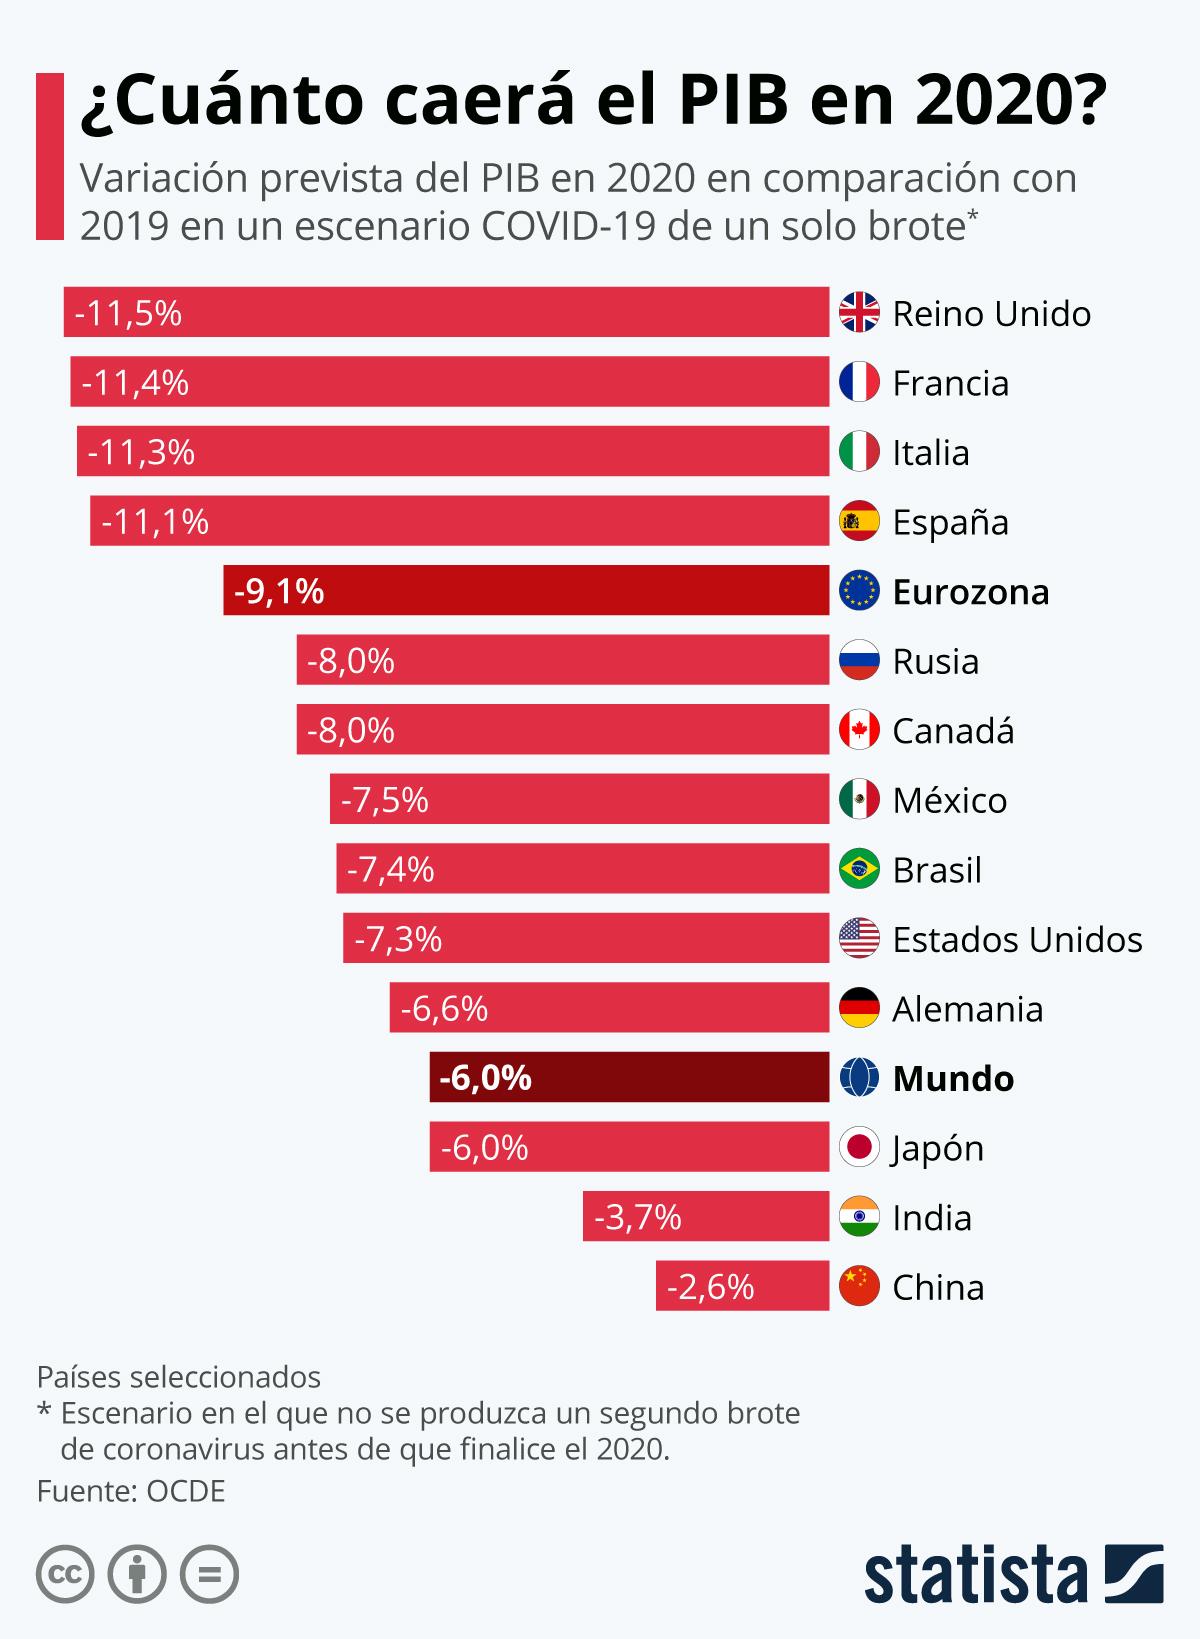 Estimación OCDE de la caida durante el 2020 del PIB por paises